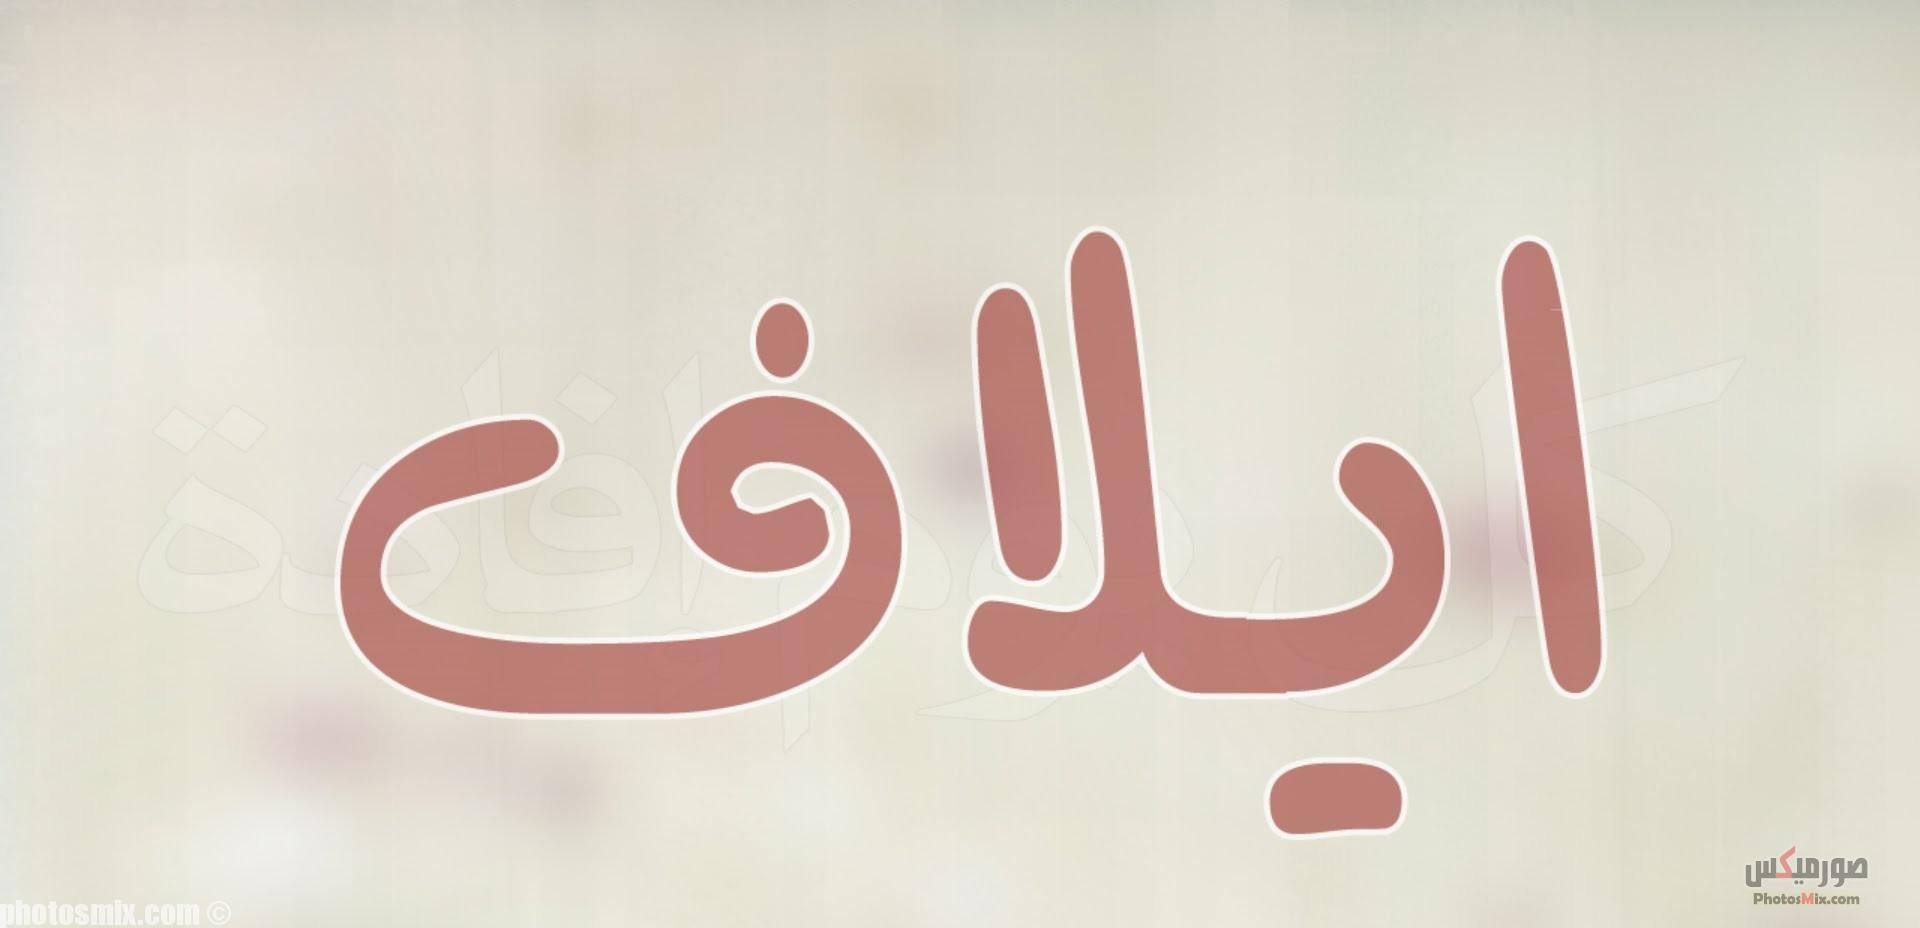 5711 4 - صور أسماء أولاد 2019, صور أسماء بنات جديدة, صور أسماء بنات وأولاد بمعانيها